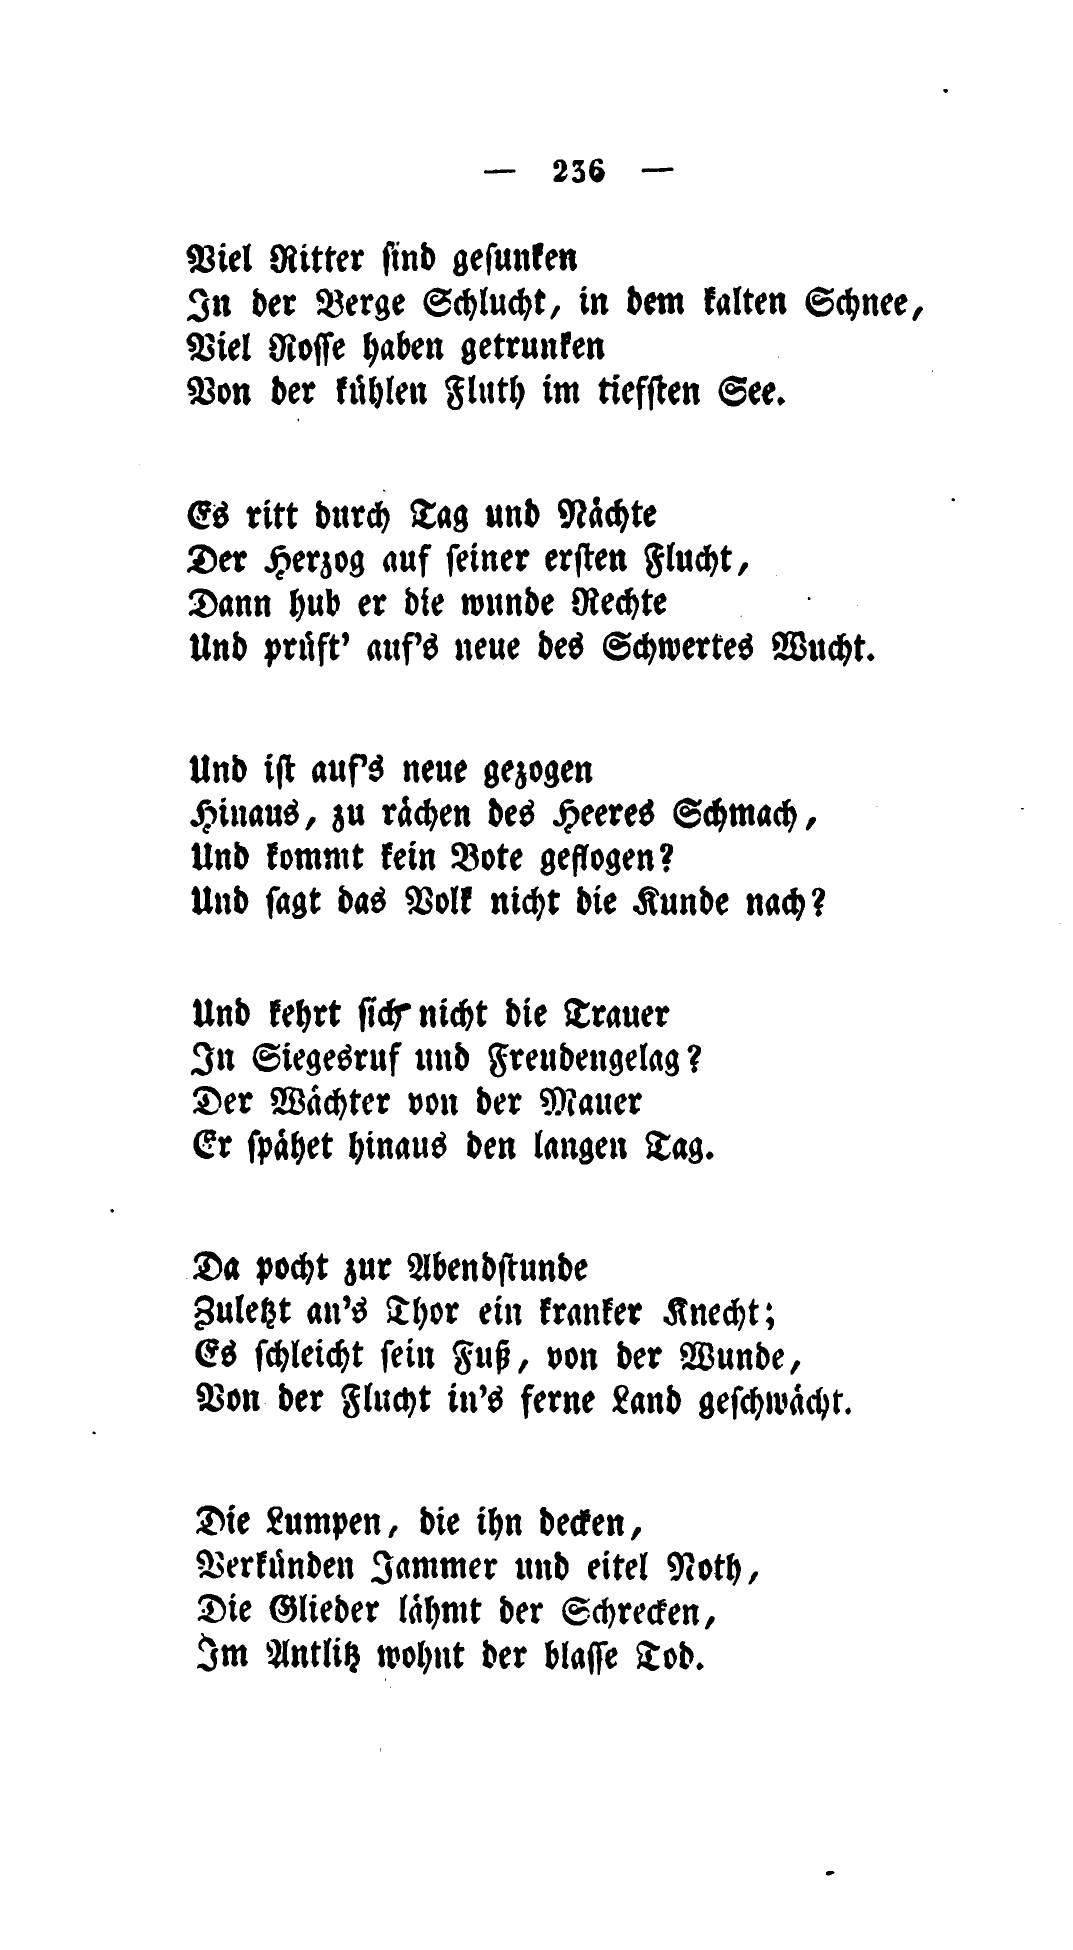 Filede gedichte schwab 1828 236 jpg